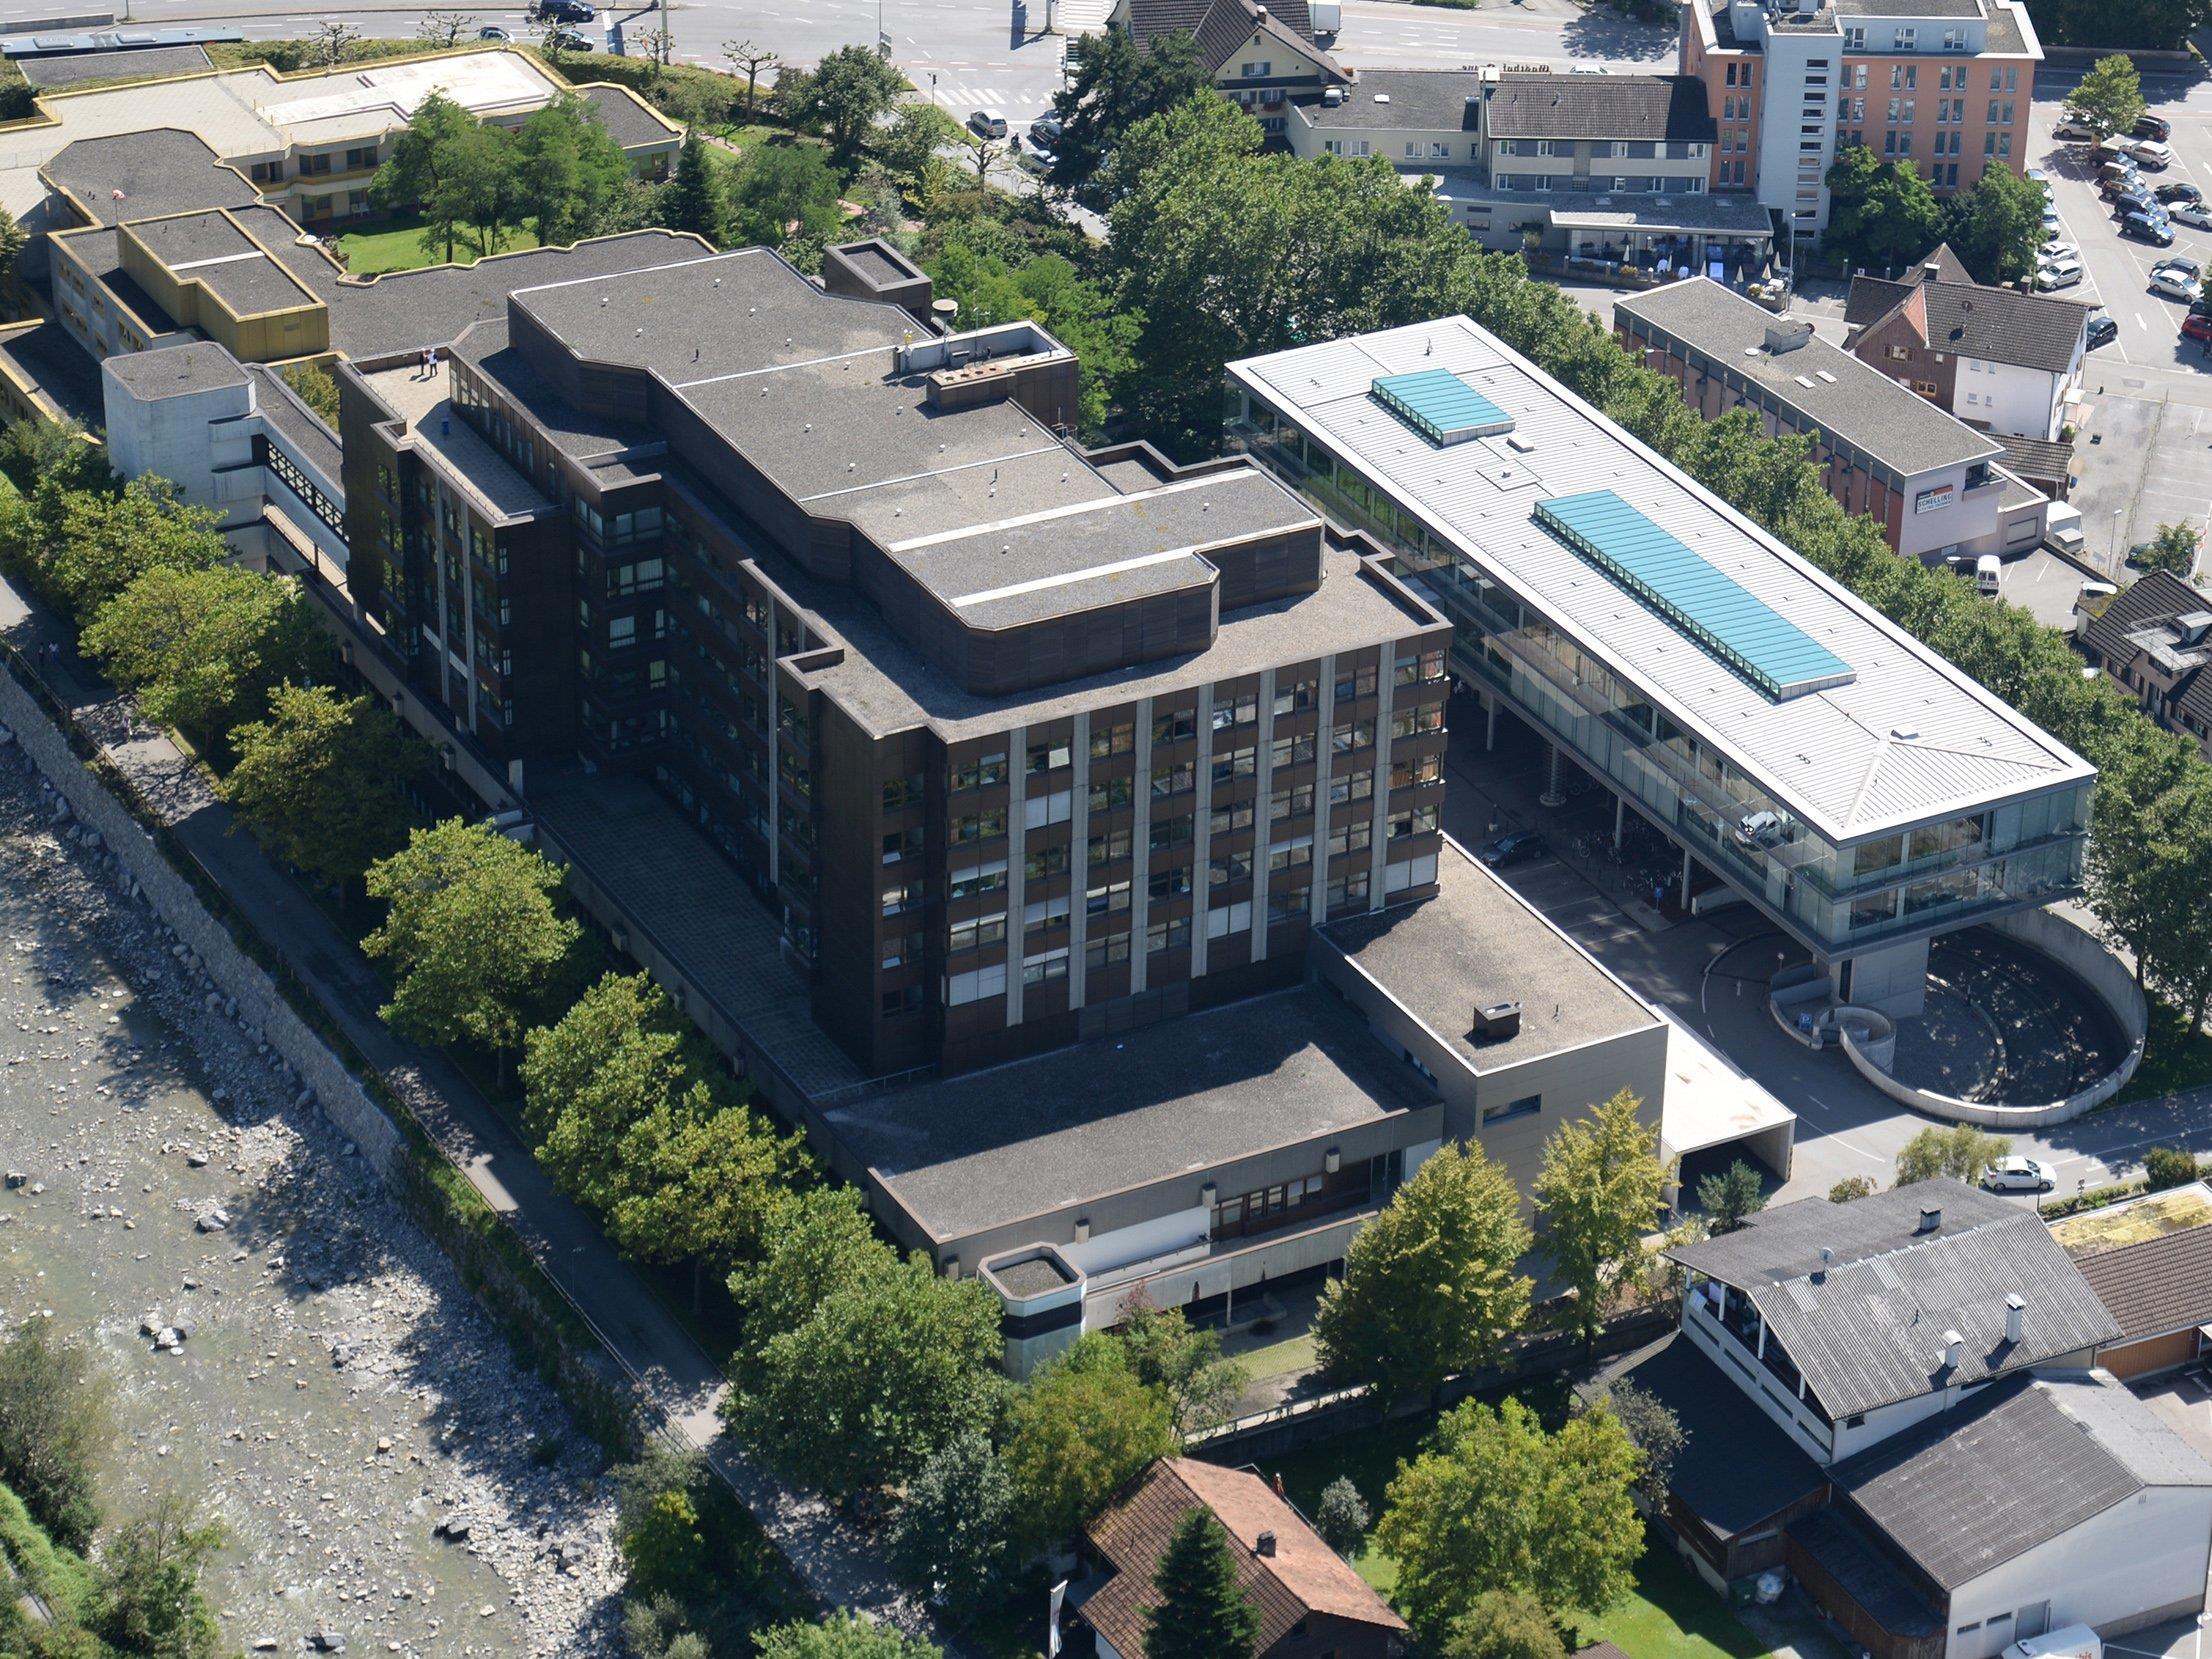 Die Landeerlaubnis für Helikopter am Stadtspital Dornbirn ist derzeit ausgesetzt.